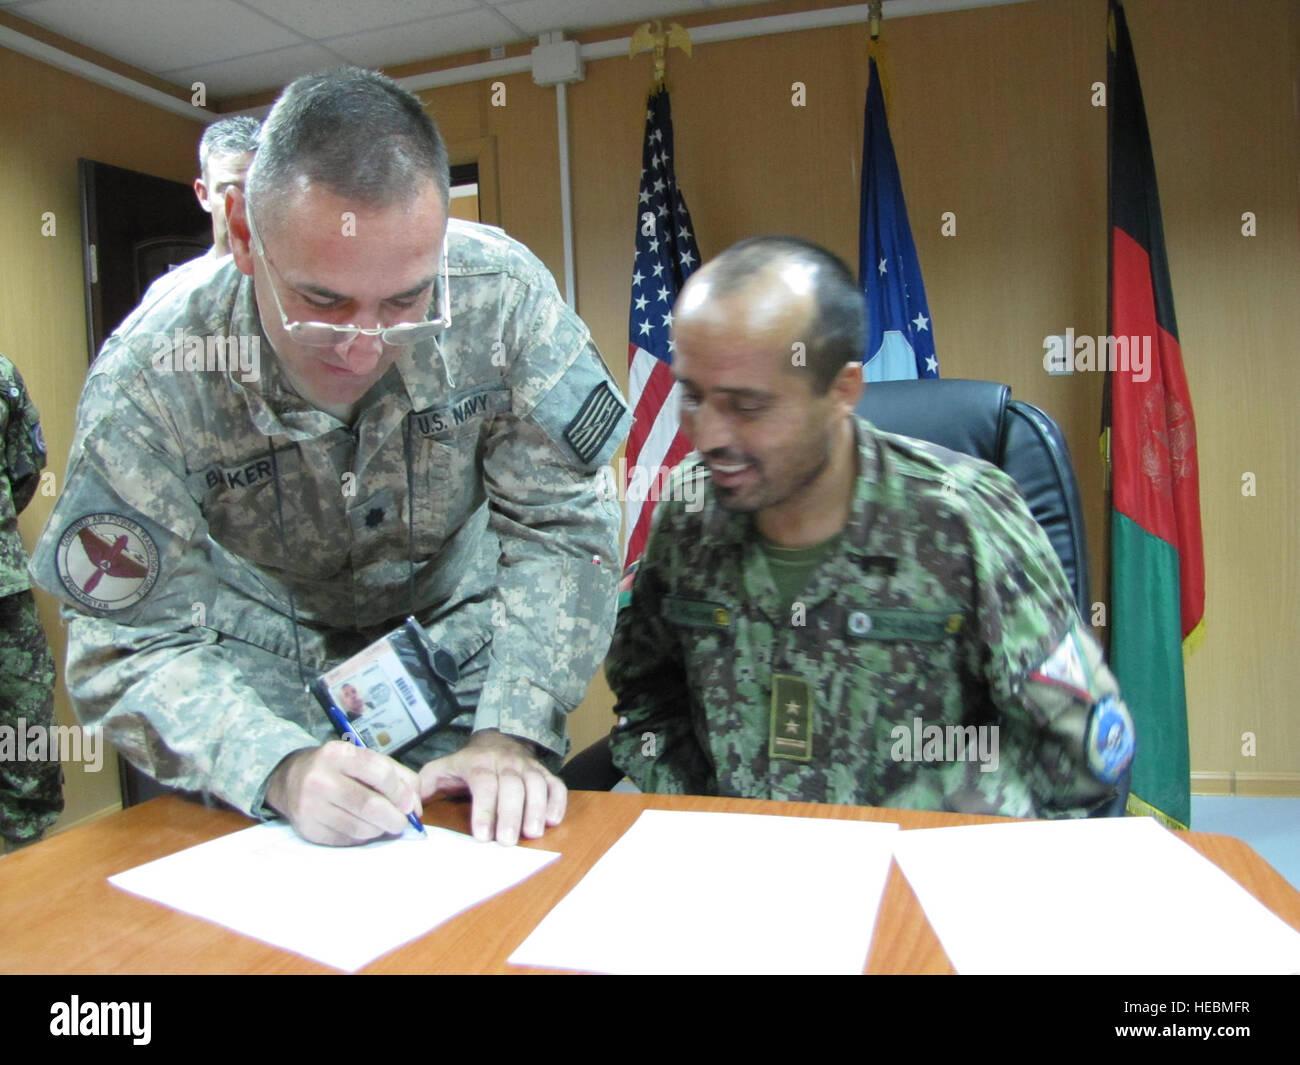 5188g 100717 Hazim F KaboulAfghanistan Slt Afghan Force 004 Air OkZuXiP